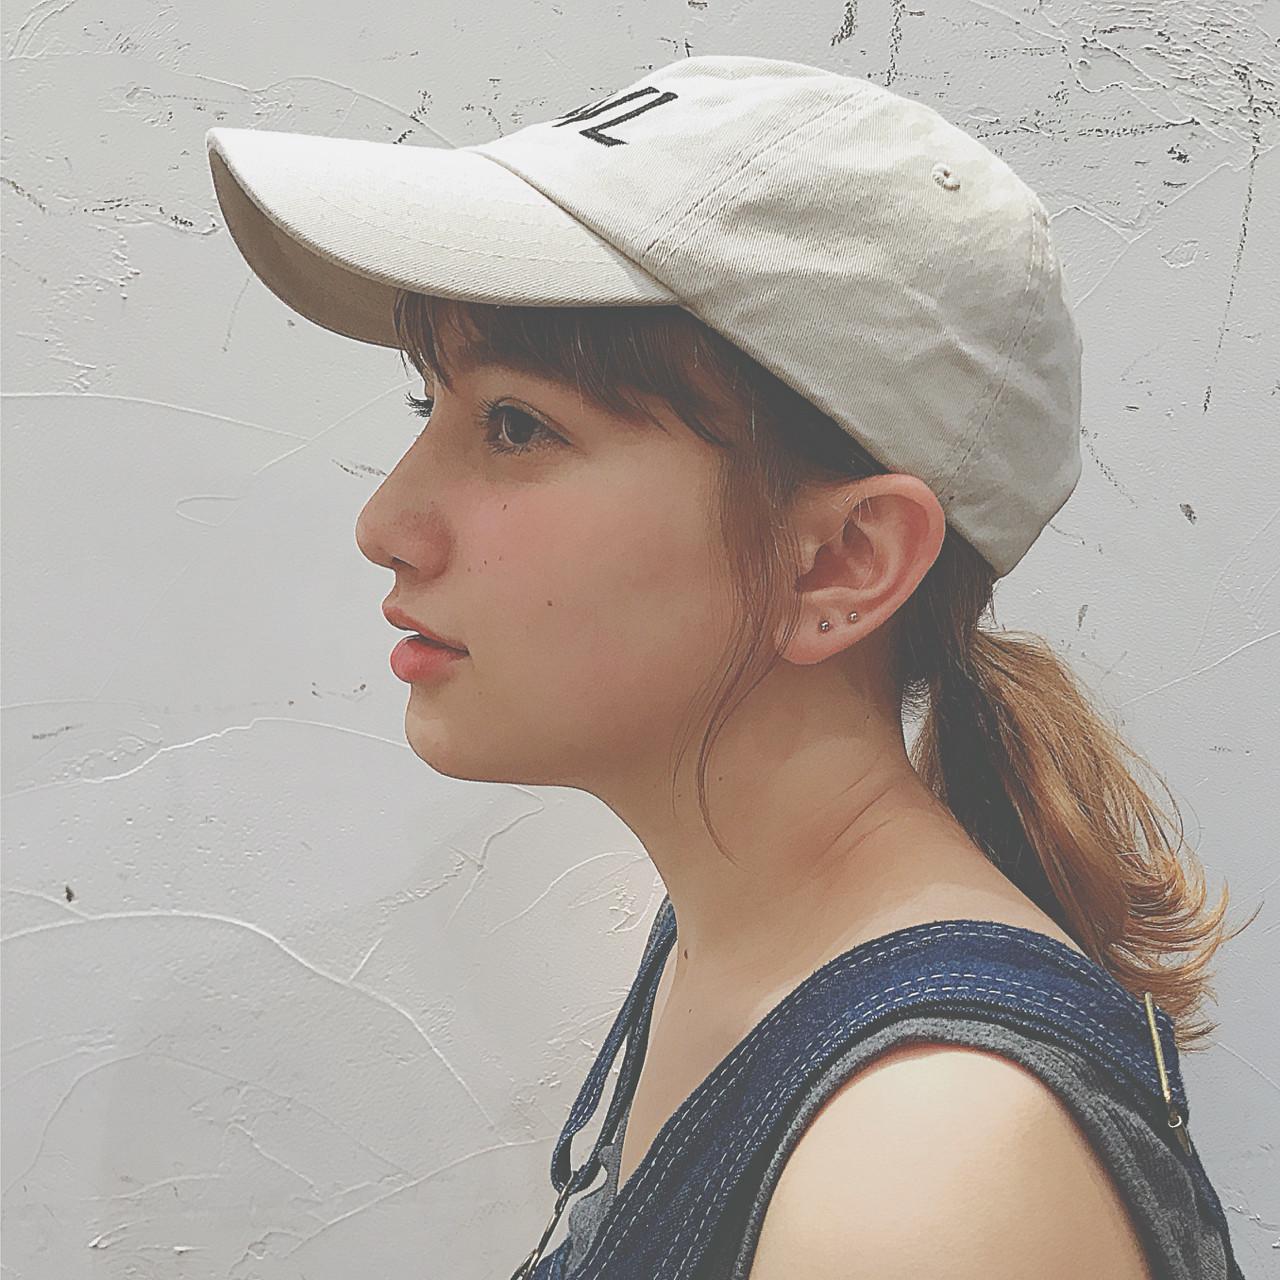 帽子ヘアアレンジで夏の暑さを和らげる髪型を楽しもう!